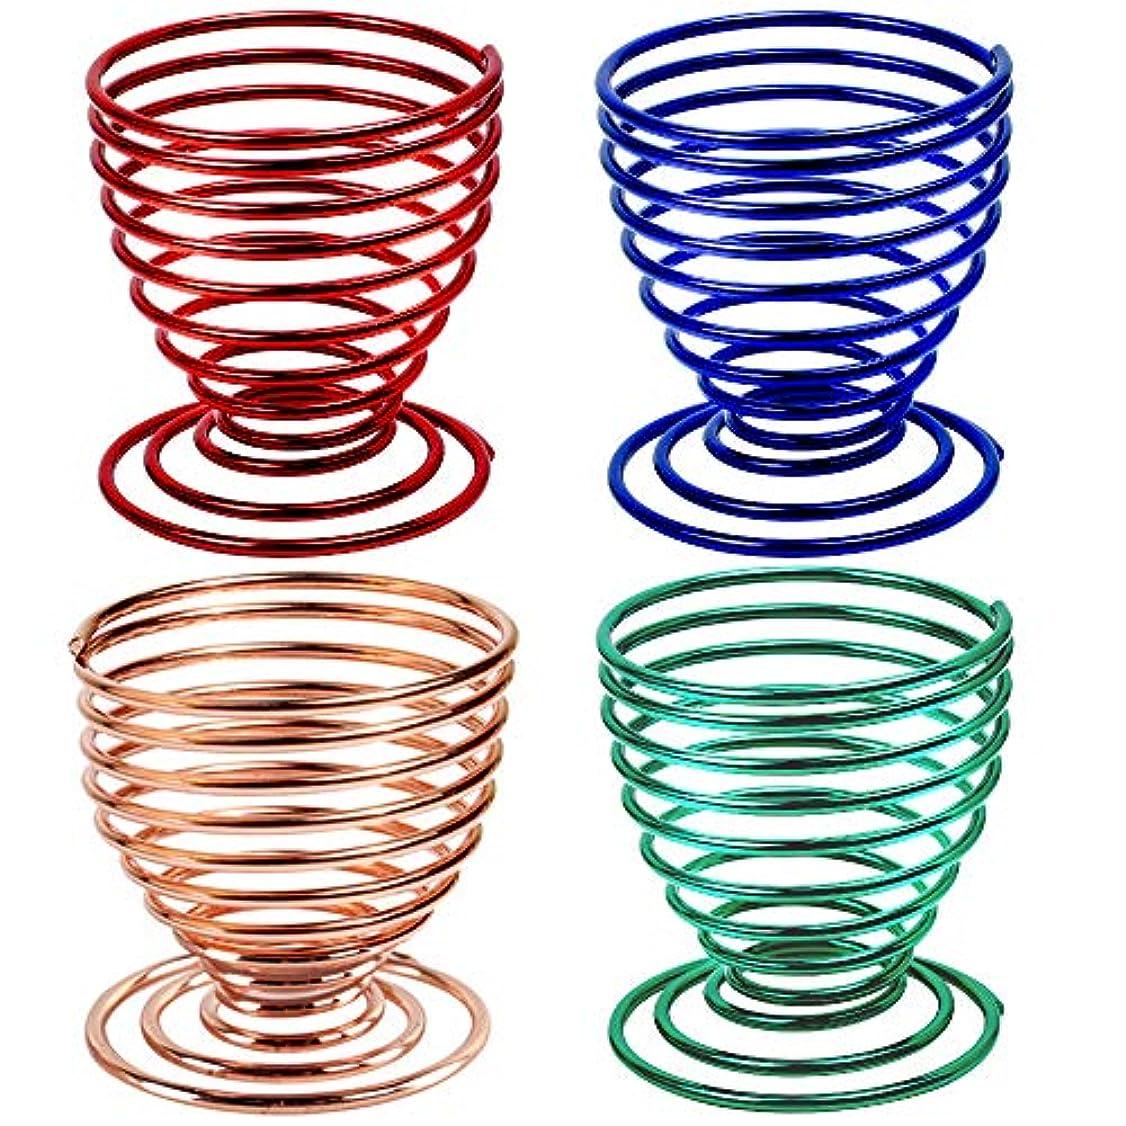 暴露する意識的メガロポリスLEOBRO メイクスポンジスタンド メイクスポンジホルダー 4個セット 化粧用スポンジ置き パフスタンド 螺旋状 ローズゴールド グリーン ブルー レッド 3Dパフスタンド メイクアップ パフホルダー 美容ツール